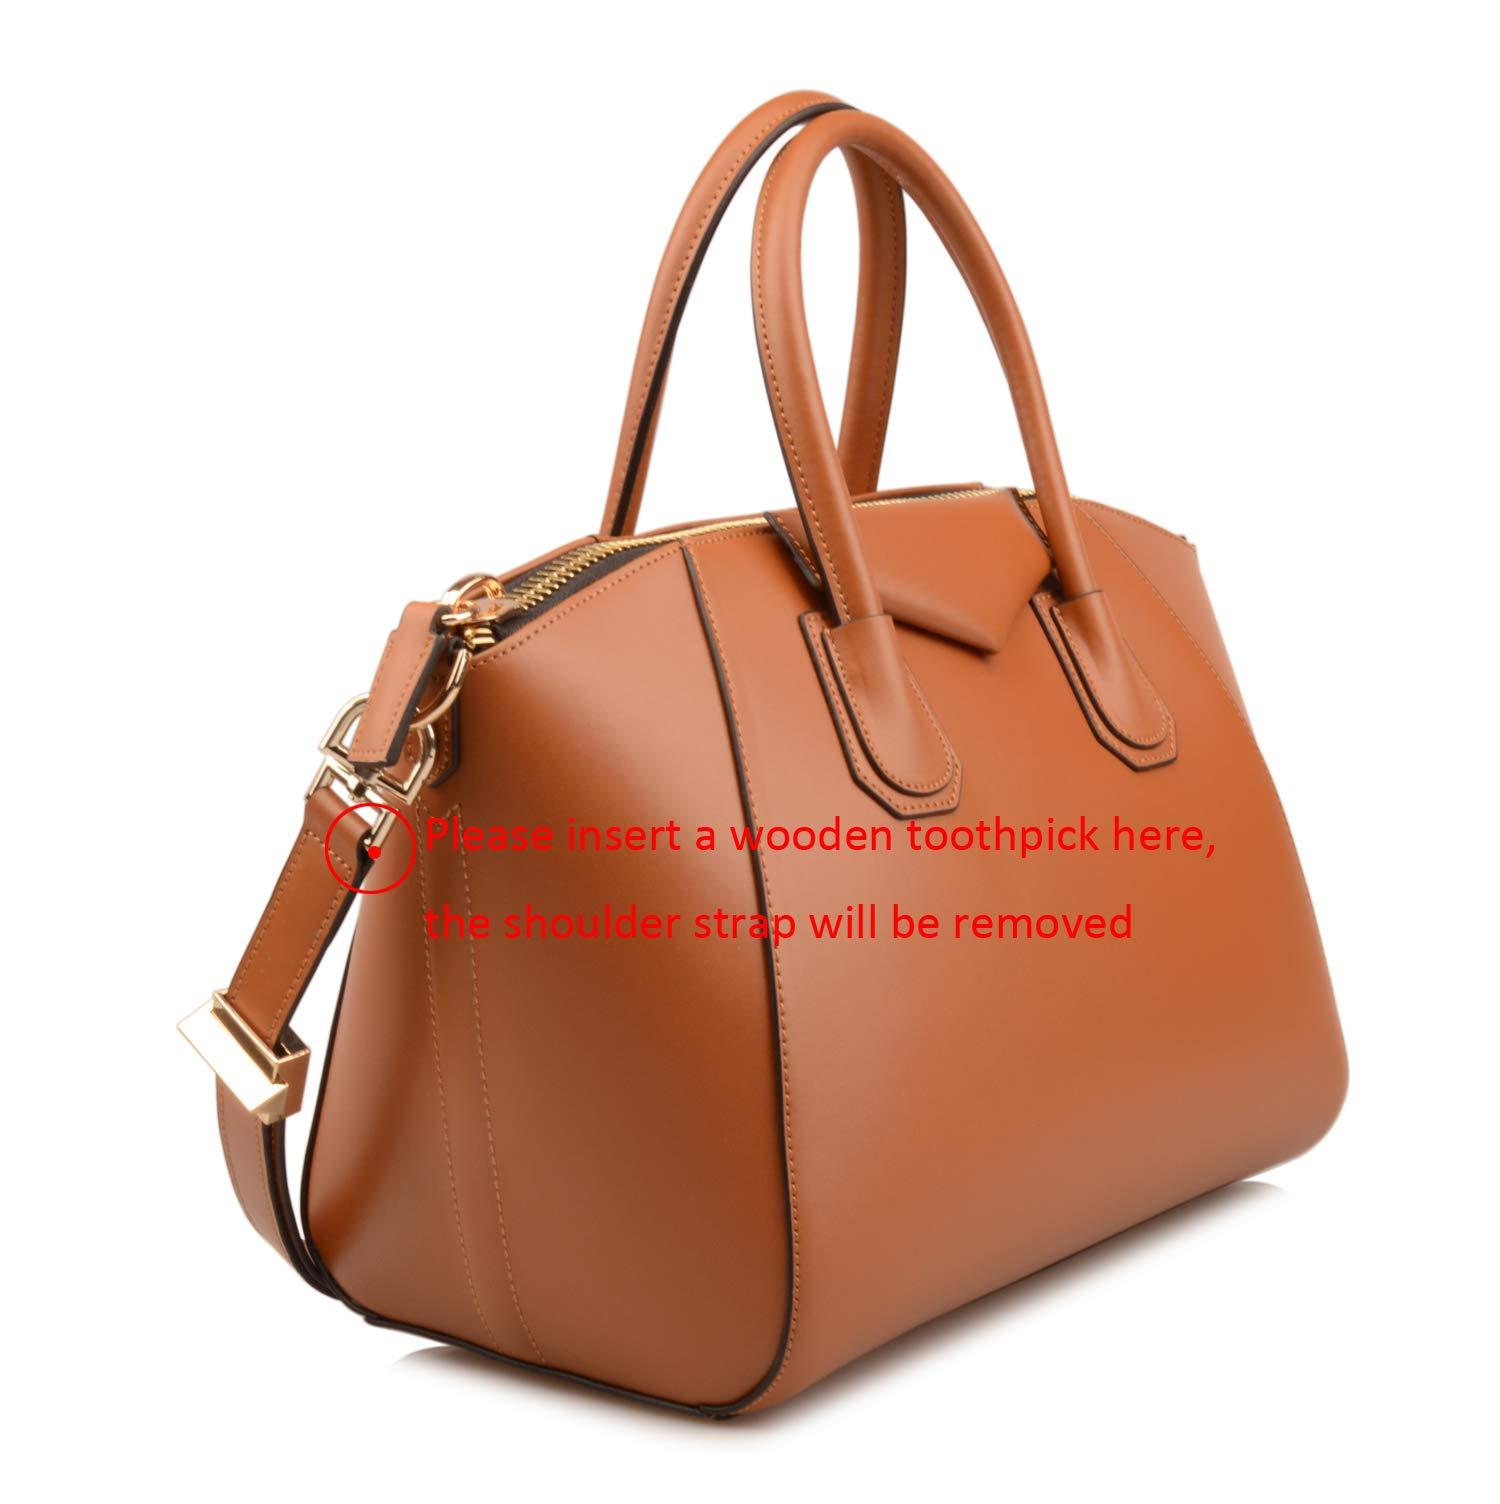 Ainifeel Women's Genuine Leather Simple Everyday Purse Top Handle Handbag Shoulder Handbags(Medium, Brown) by Ainifeel (Image #3)